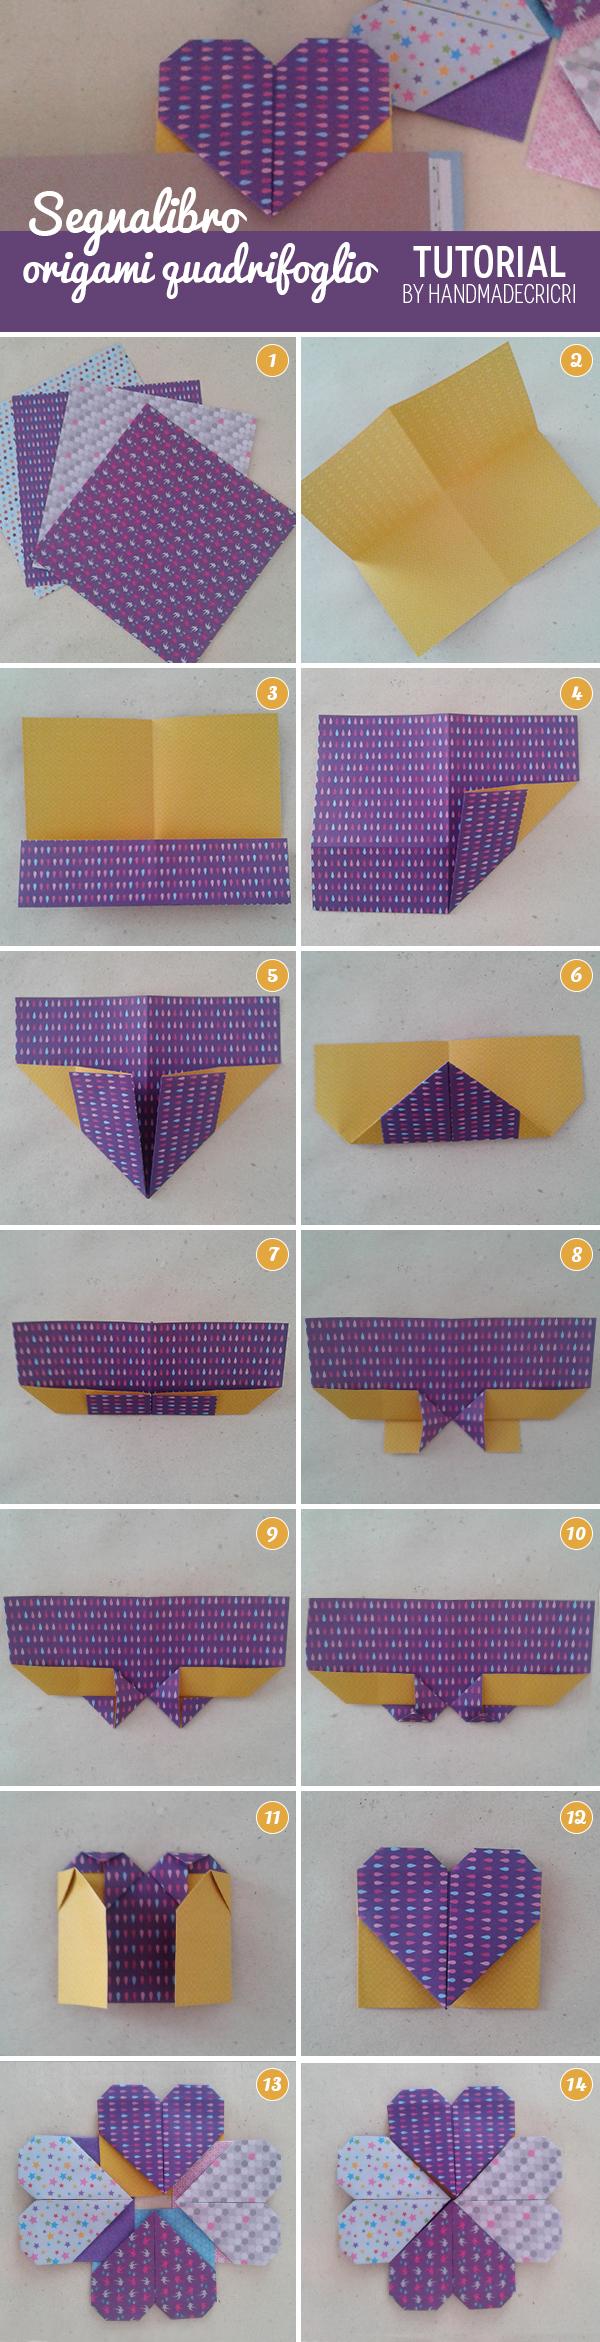 foto tutorial origami quadrifoglio